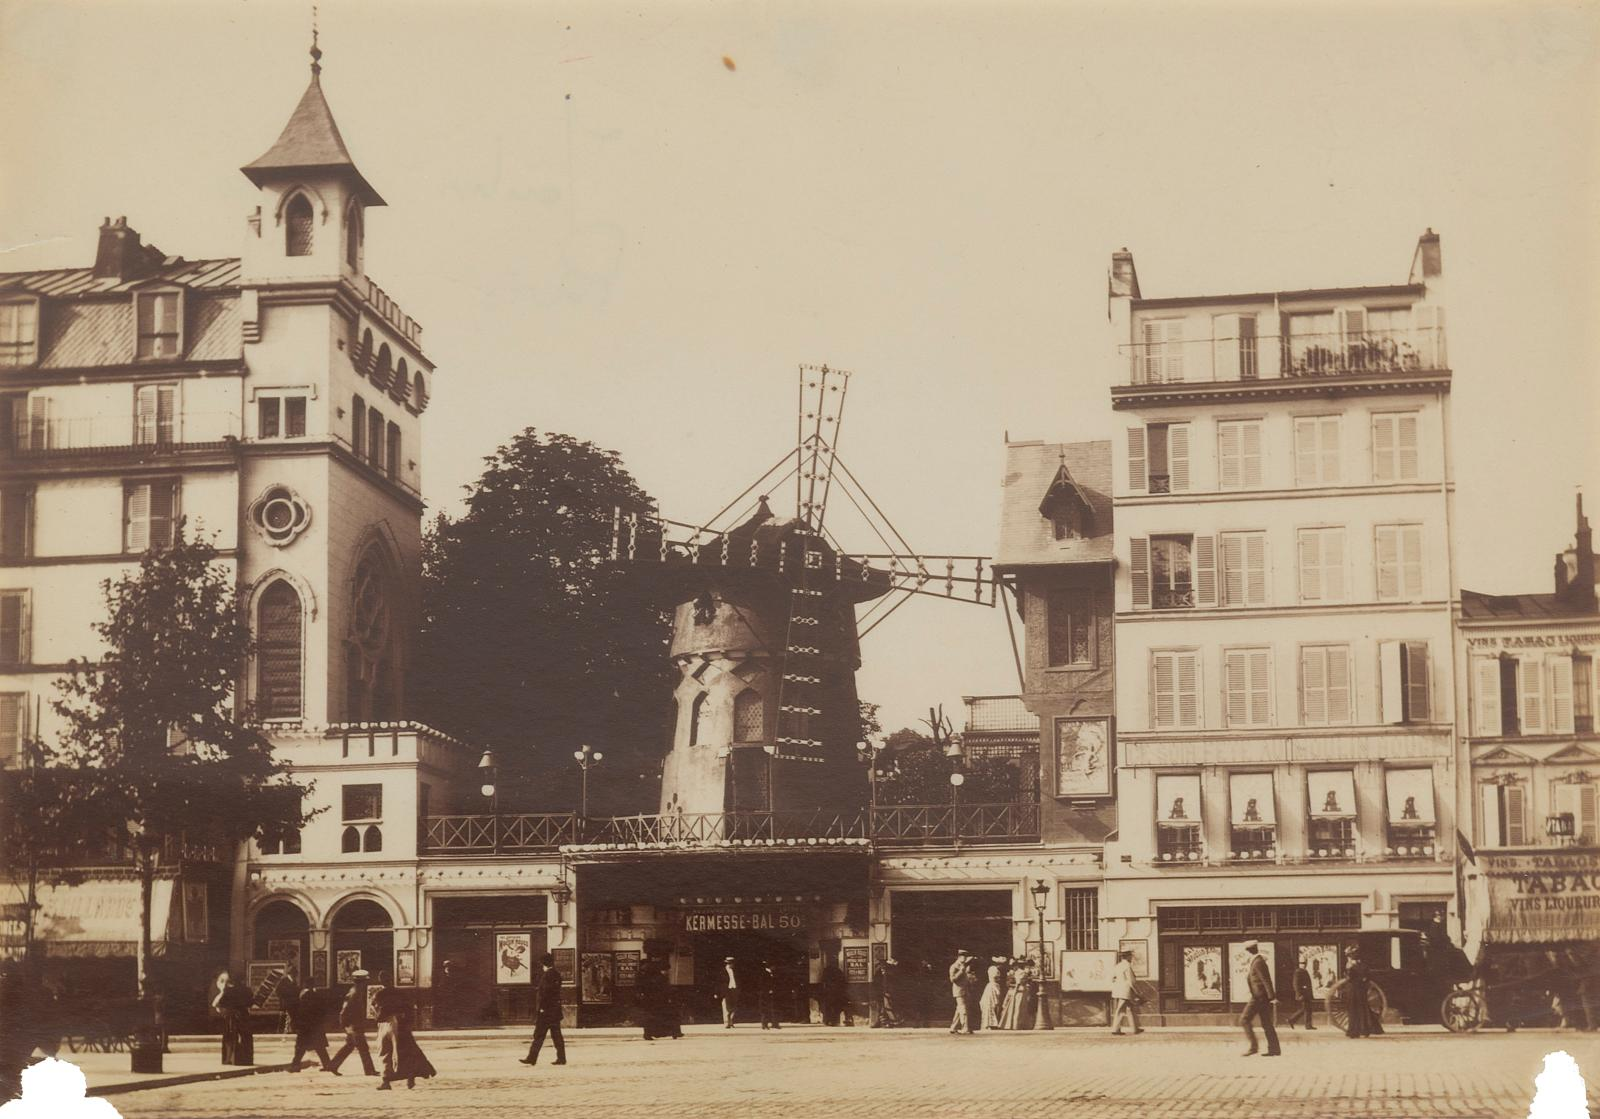 Ensemble de sept photographies de salles de spectacle parisiennes sur papier albuminé (le Moulin-Rouge reproduit), vers 1860-1890. Paris,